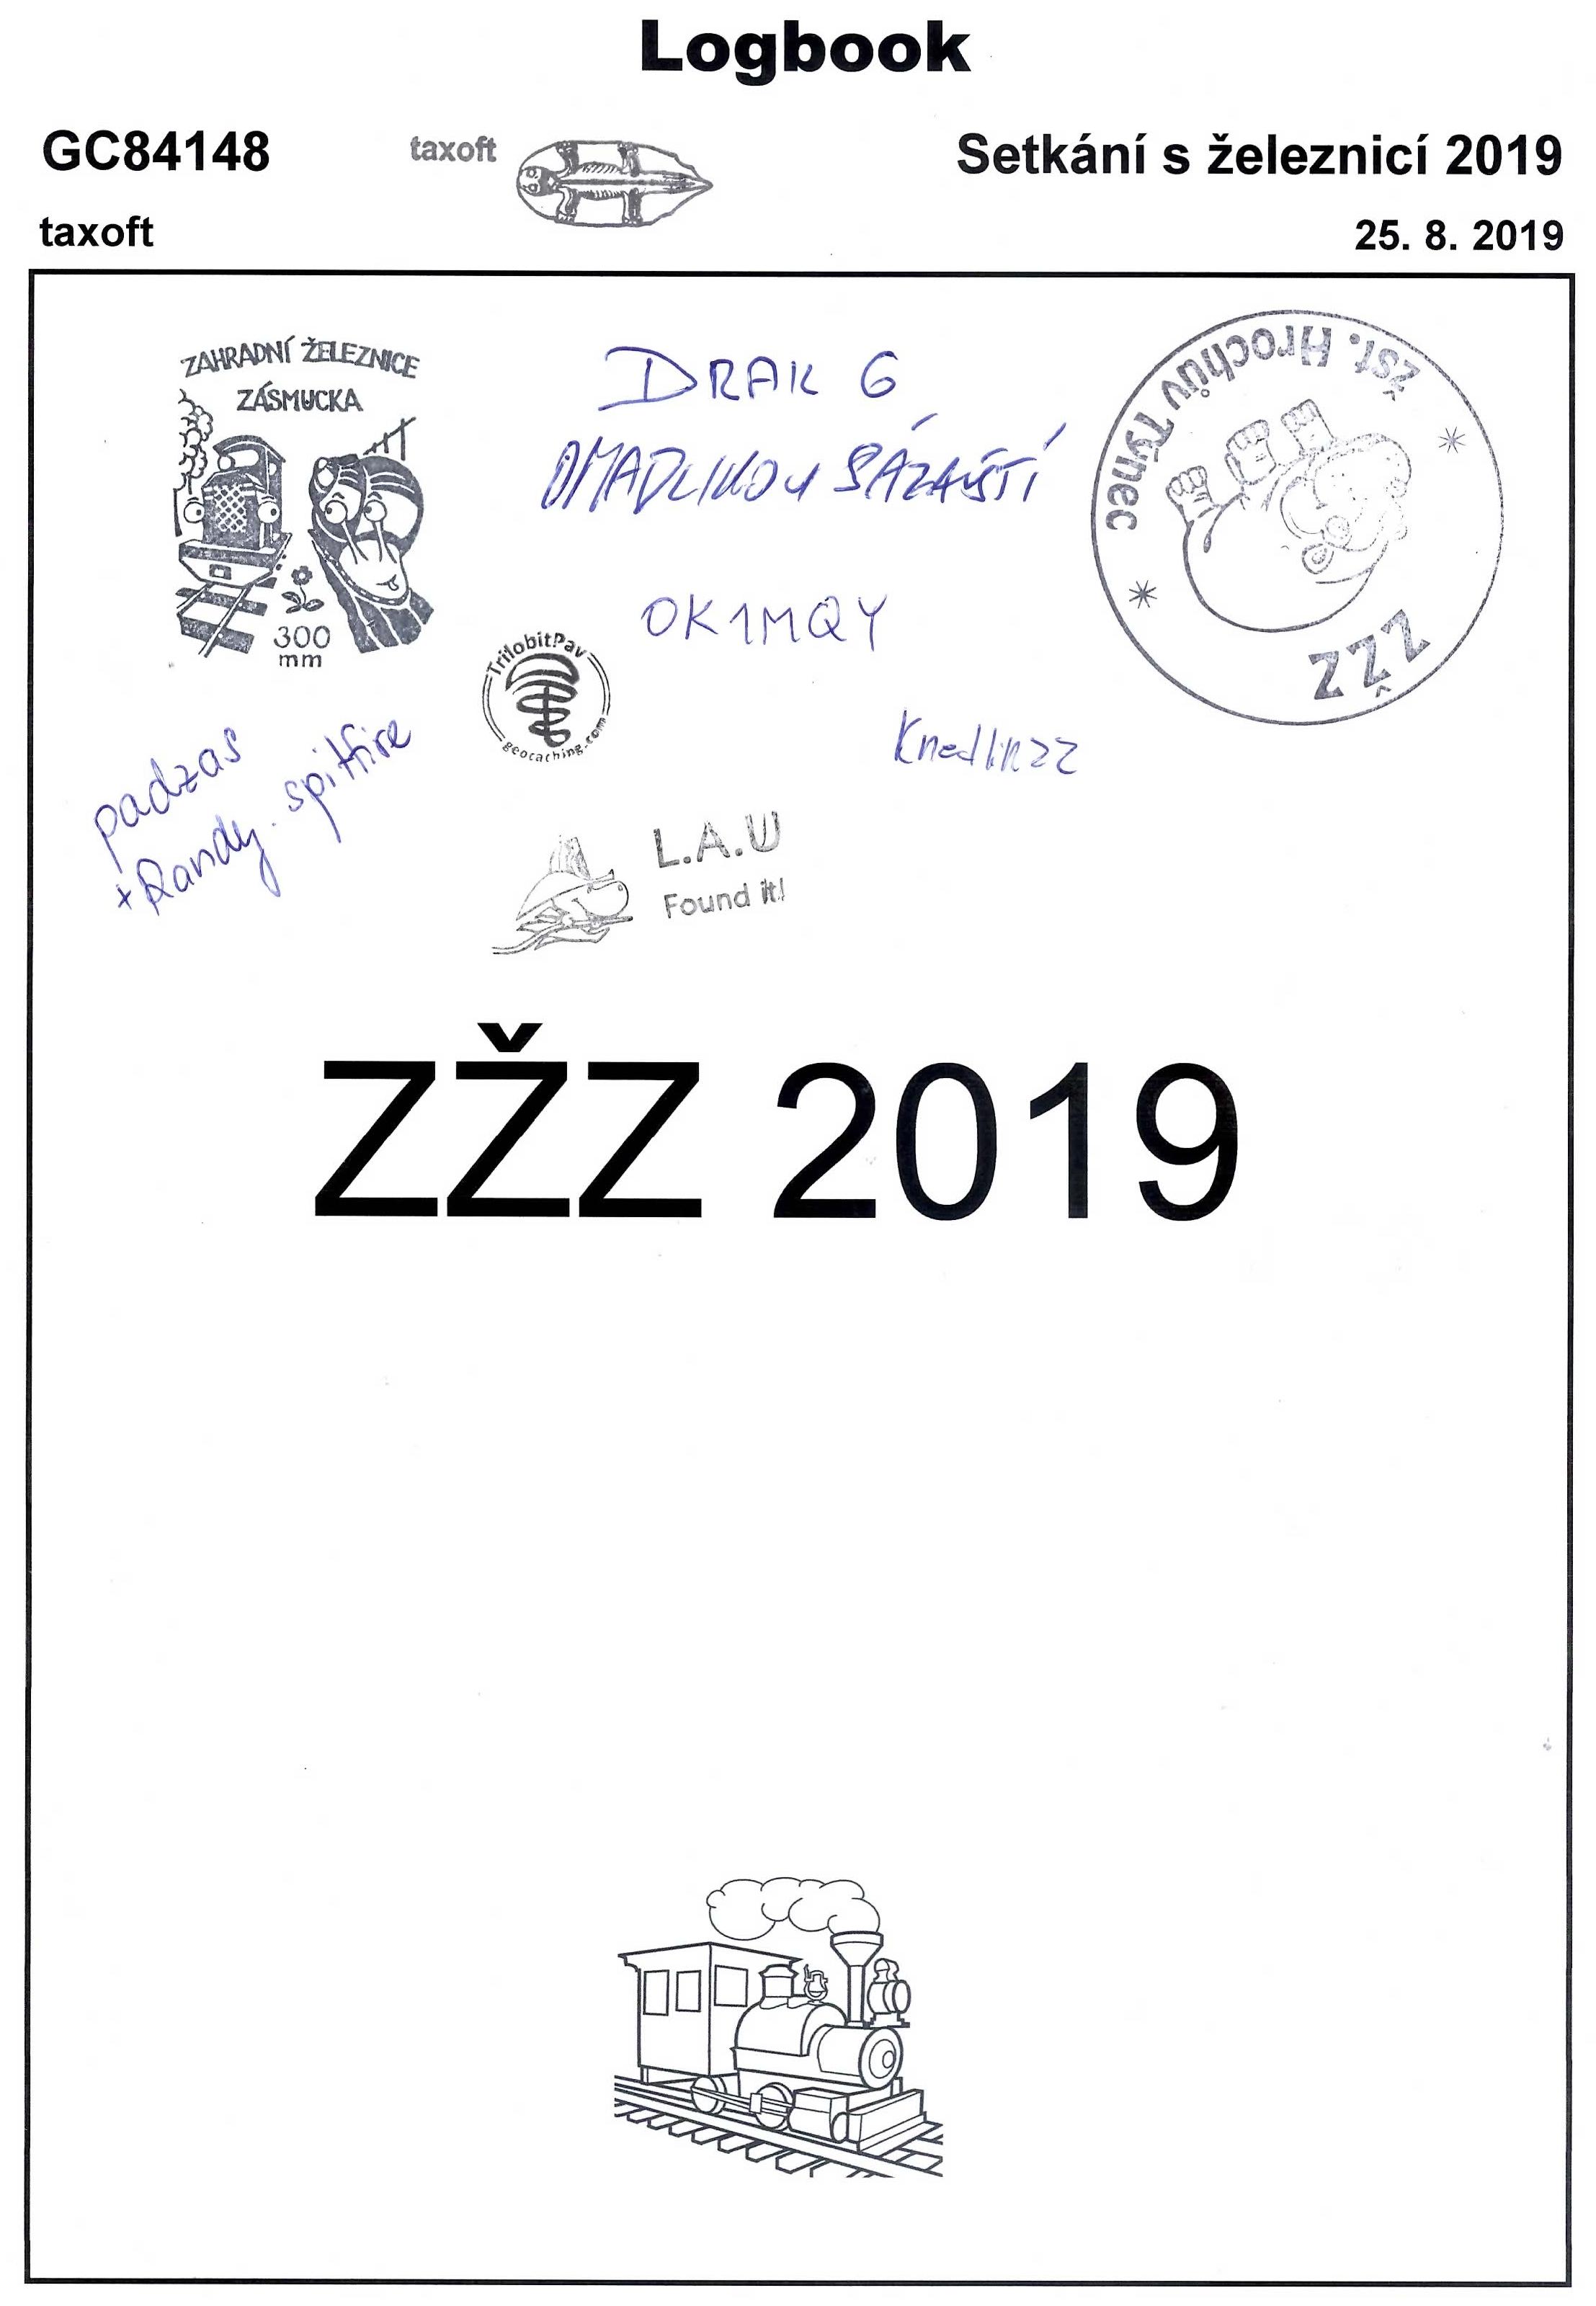 GC84148 - Setkání s železnicí 2019 - logbook - druhá část